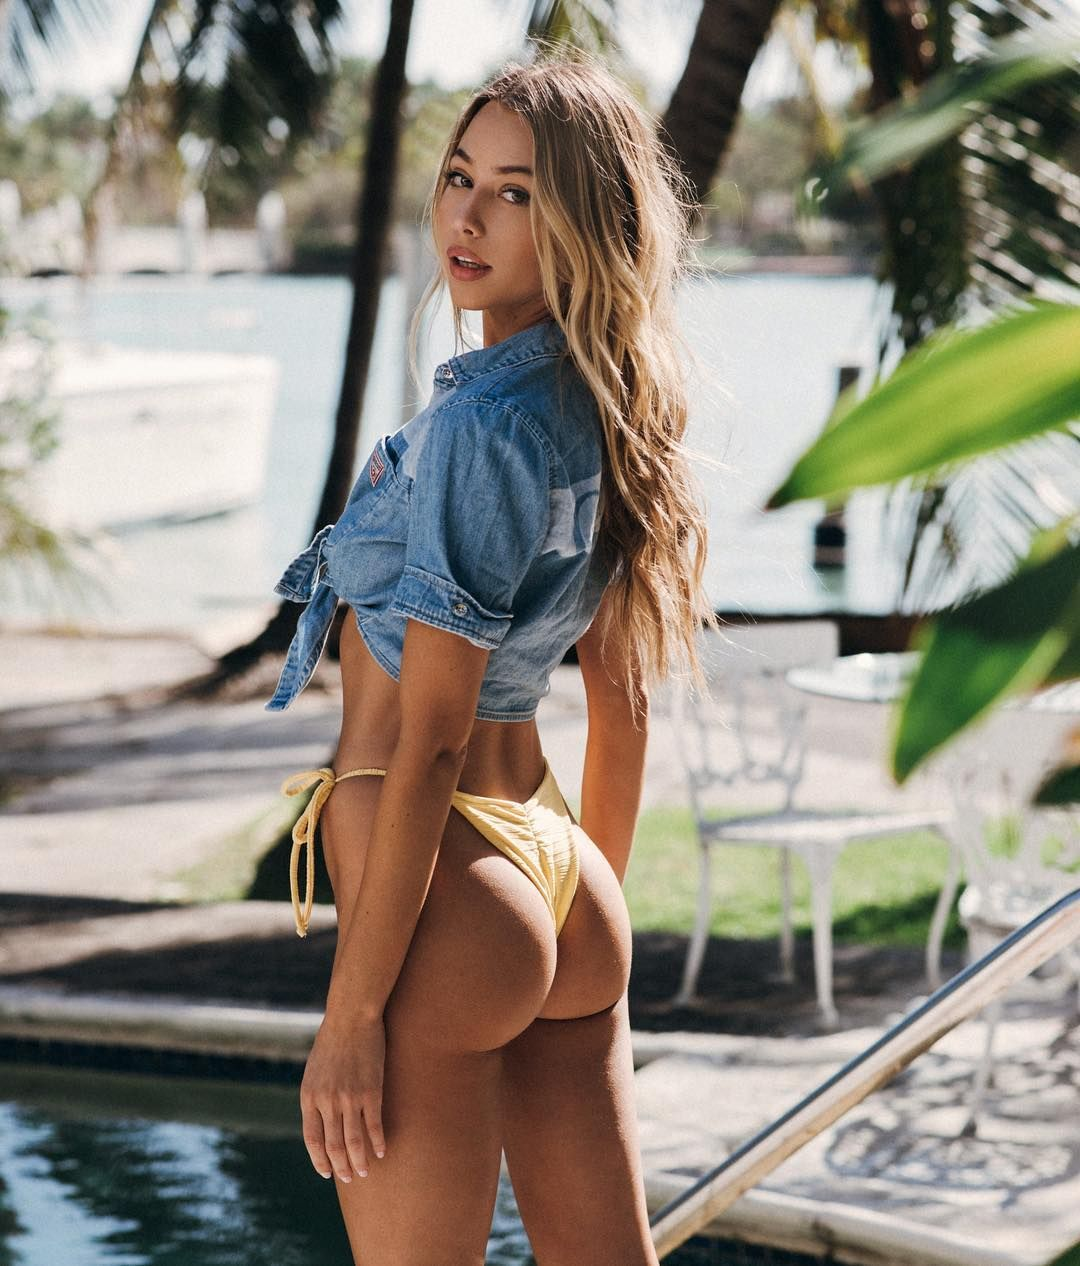 Hot Nudes Von Blondinen Photos